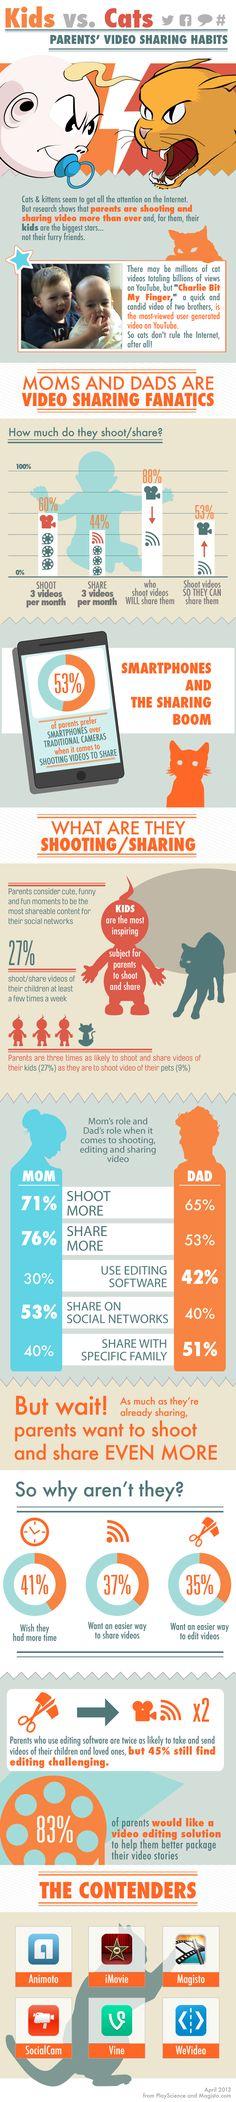 Kids vs. Cats: Parents Video Sharing Habits